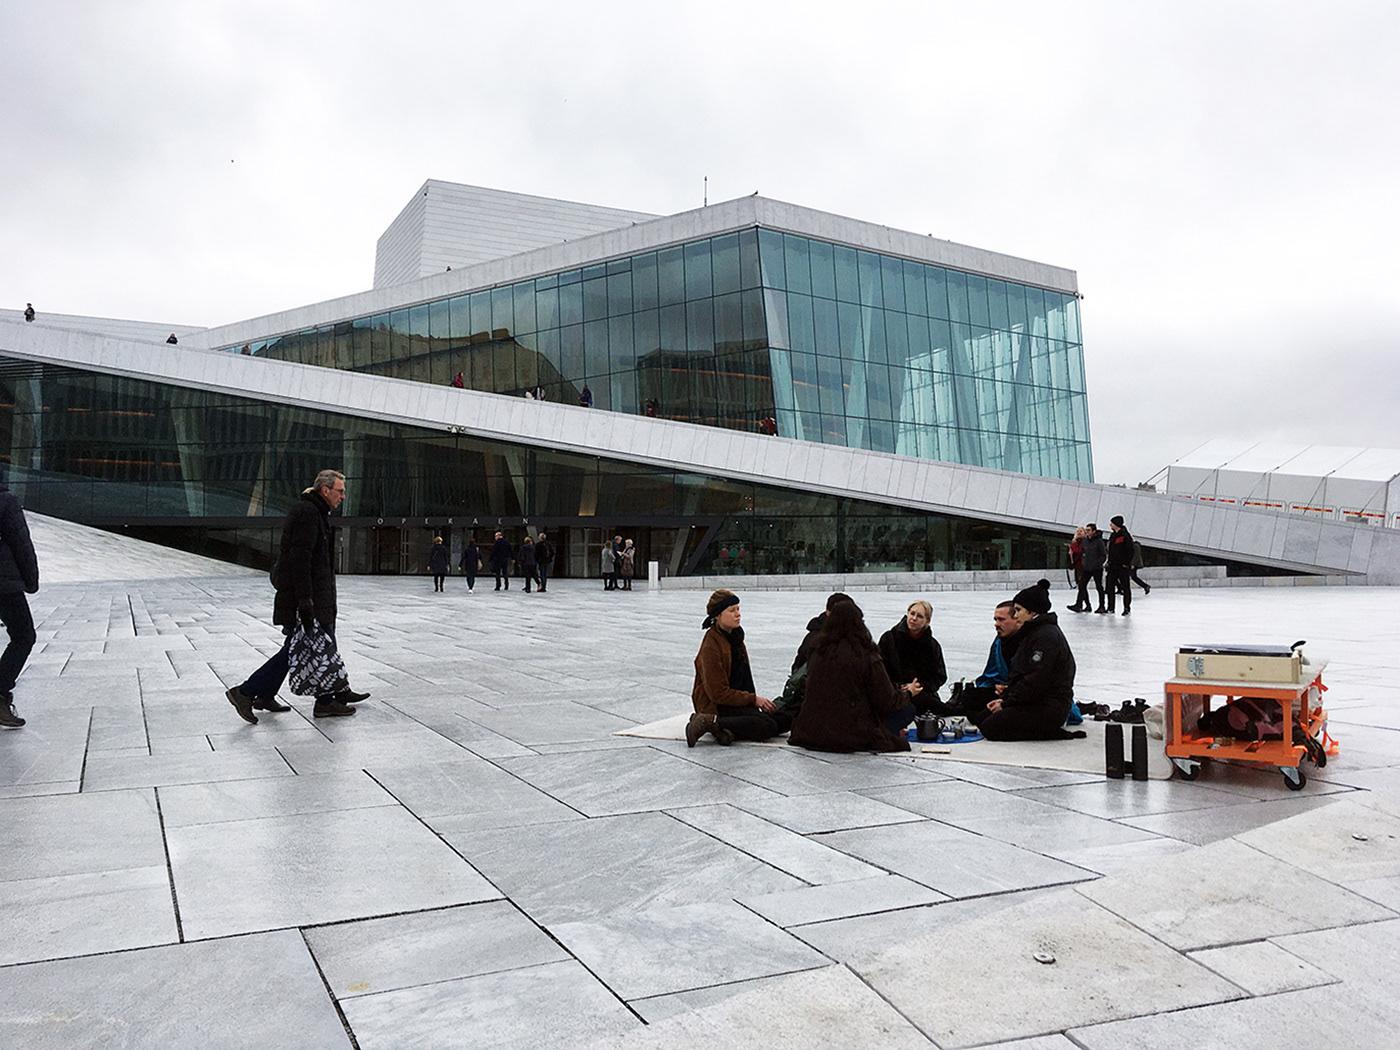 Oat Triennale Oslo intervention urbaner Raum installation Teppich Performance homeplanet